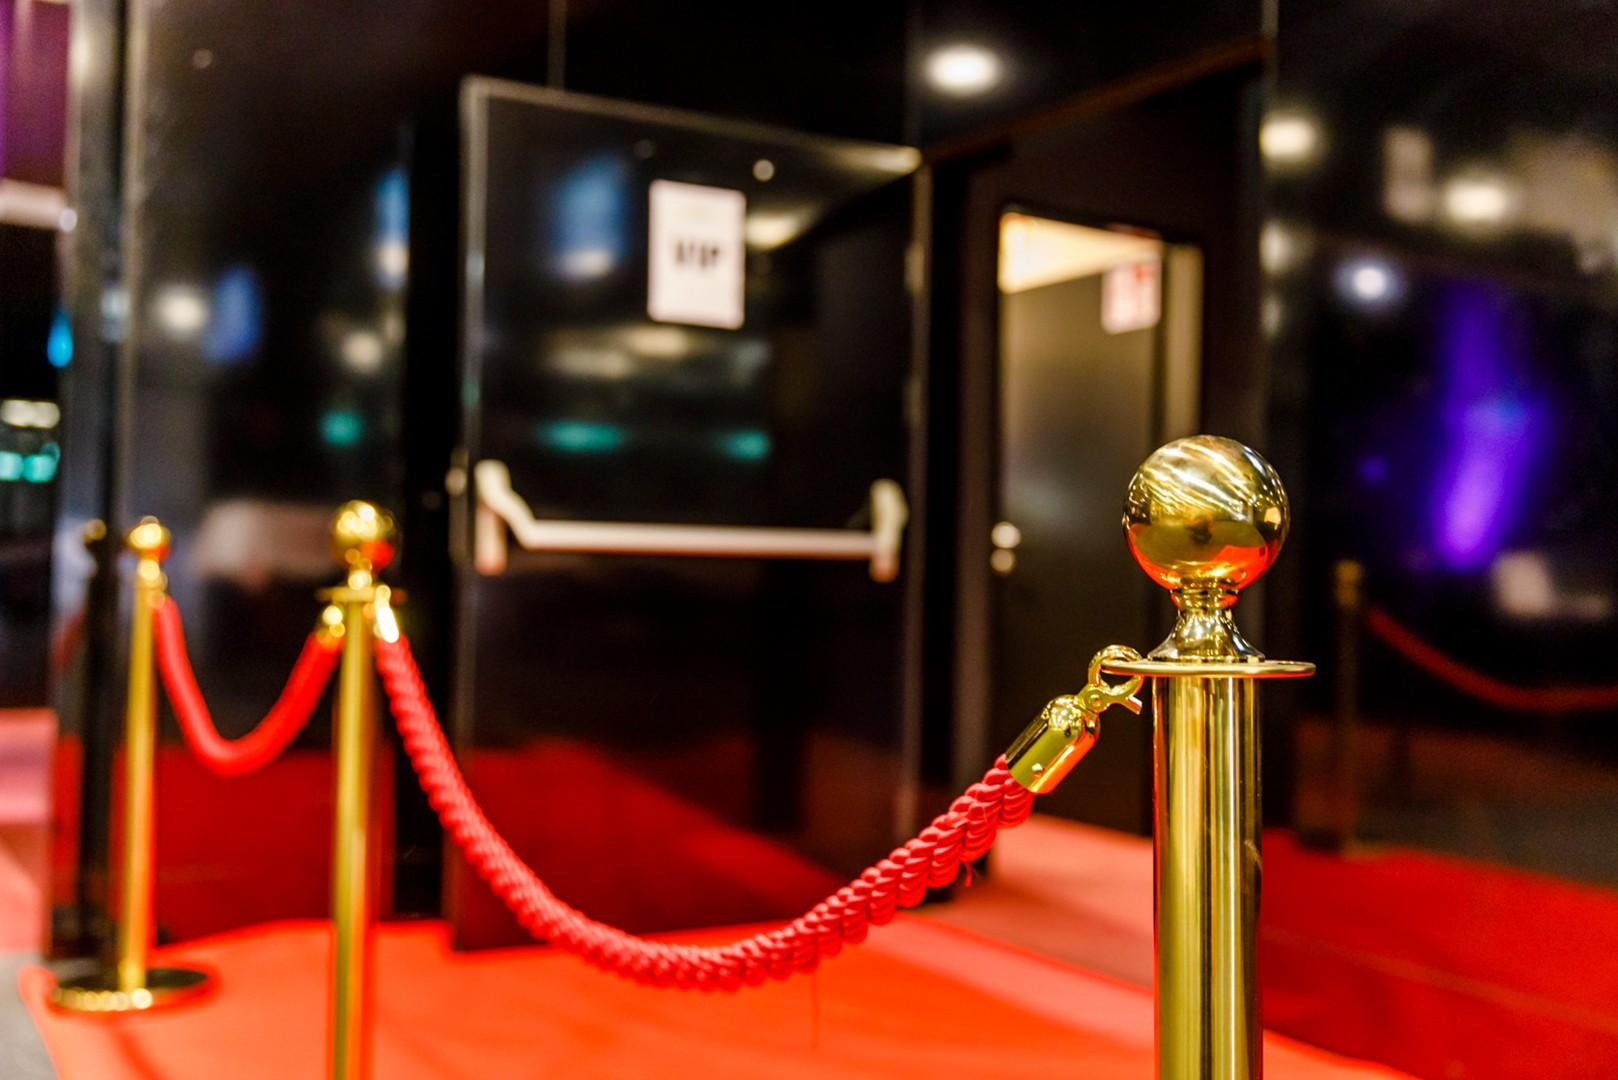 2020 dekoration kordelsteher - Fotobox für Geburtstage & Privatfeiern mieten - Vintage Fotobox - Vintage Fotobox